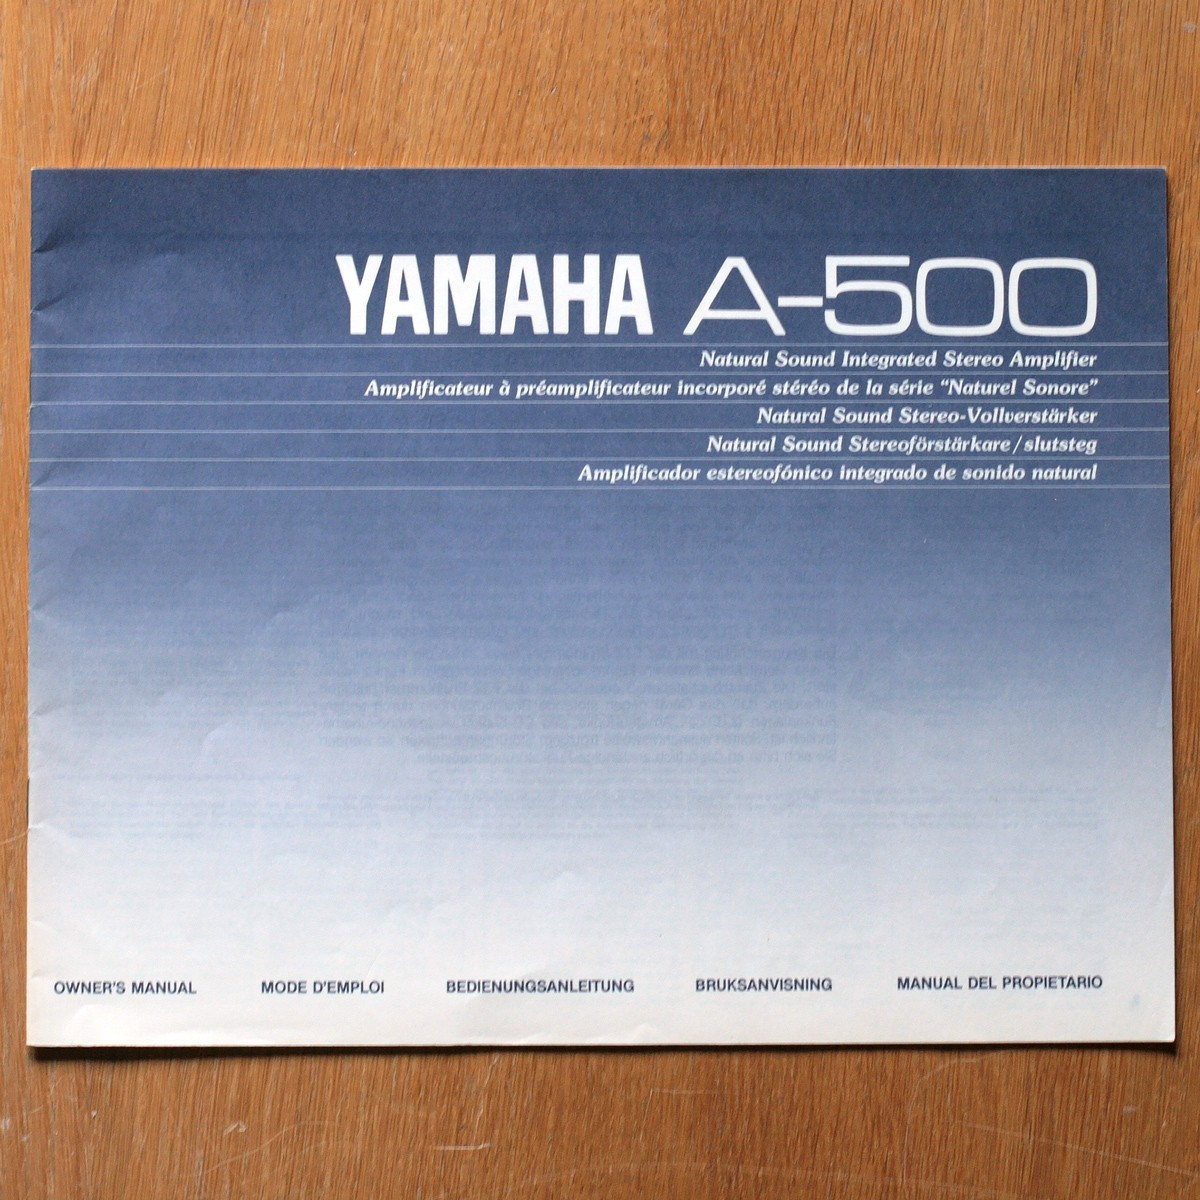 Yamaha • Amplificateur • A-500 • Manuel utilisateur • Owner's manual • Bedienungsanleitung • Bruksanvisning • Manual del propietario